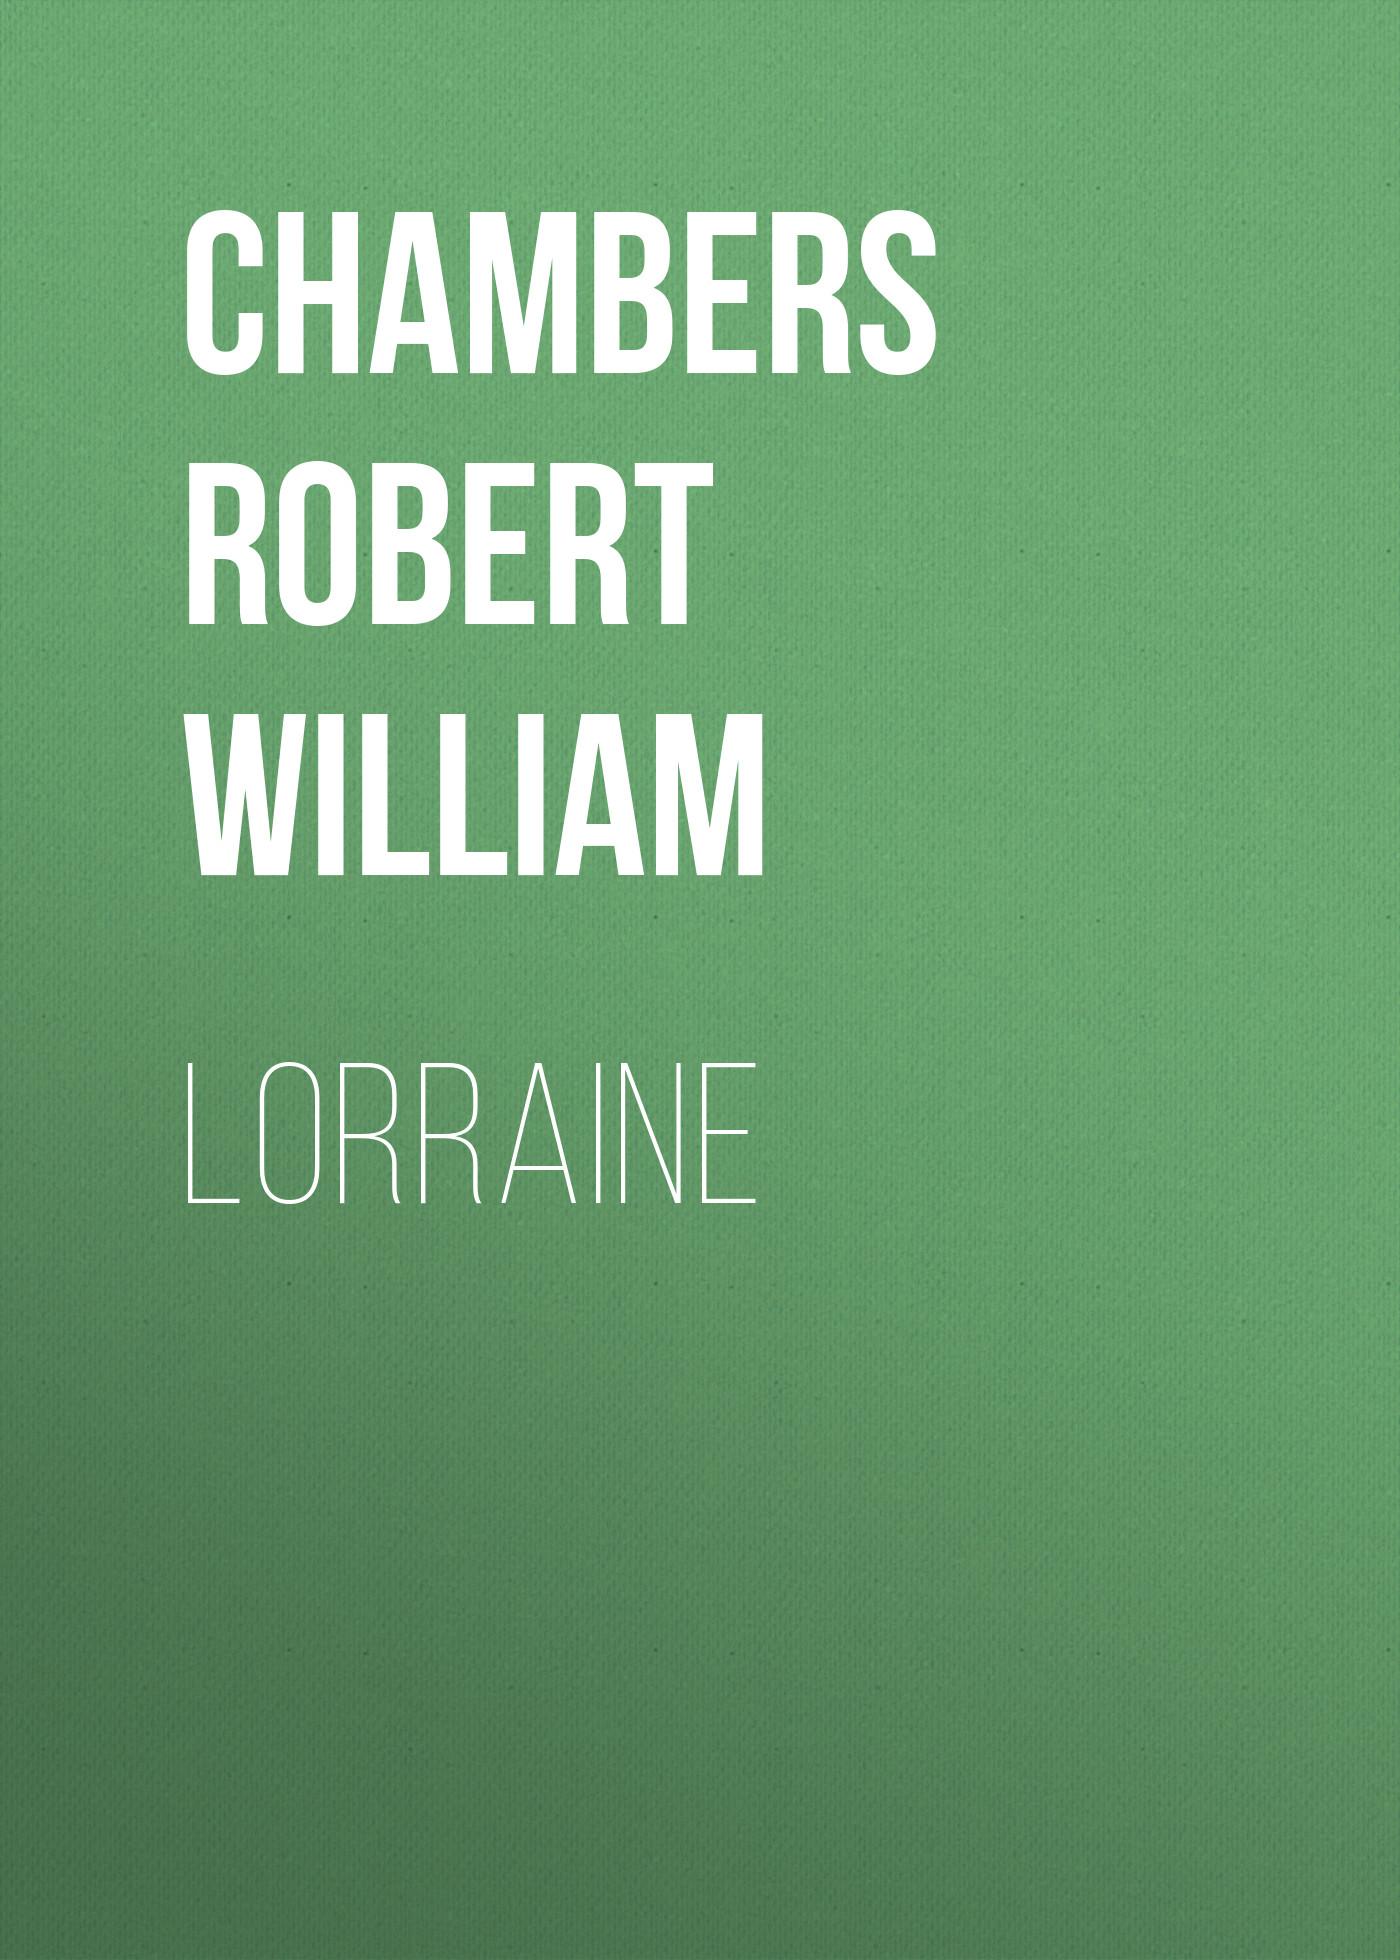 Chambers Robert William Lorraine